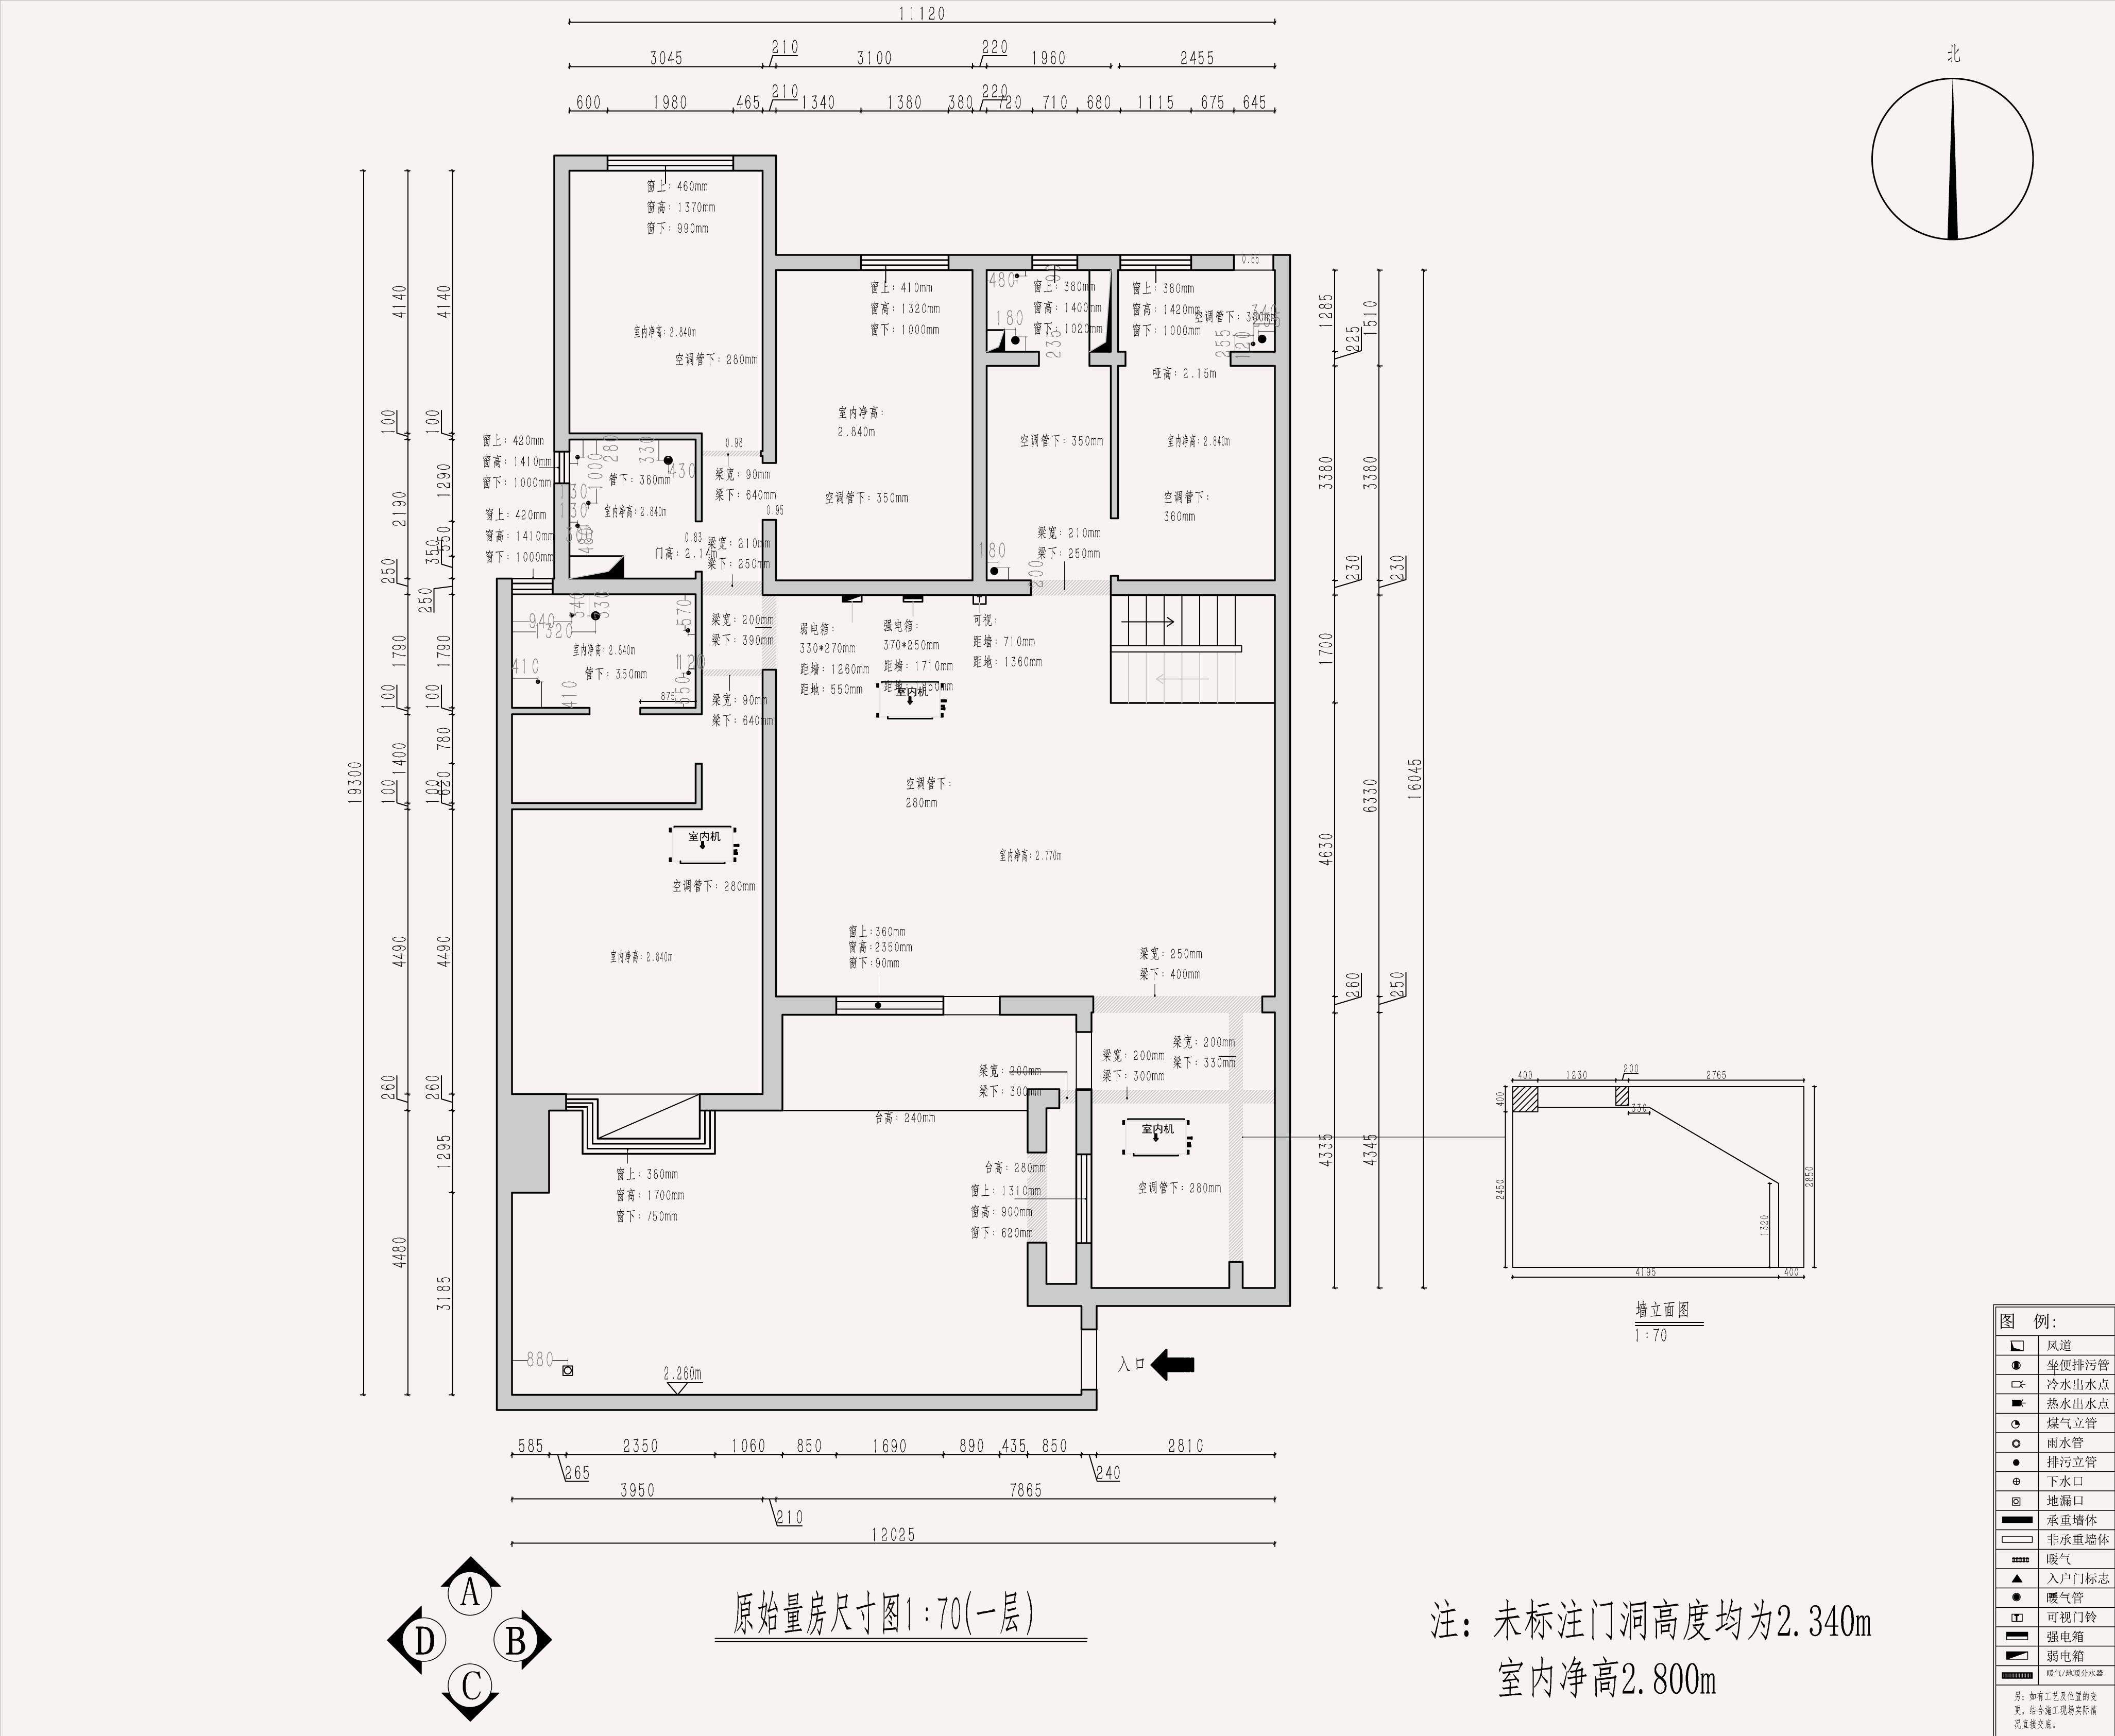 十二院城280平米后现代装修效果图装修设计理念